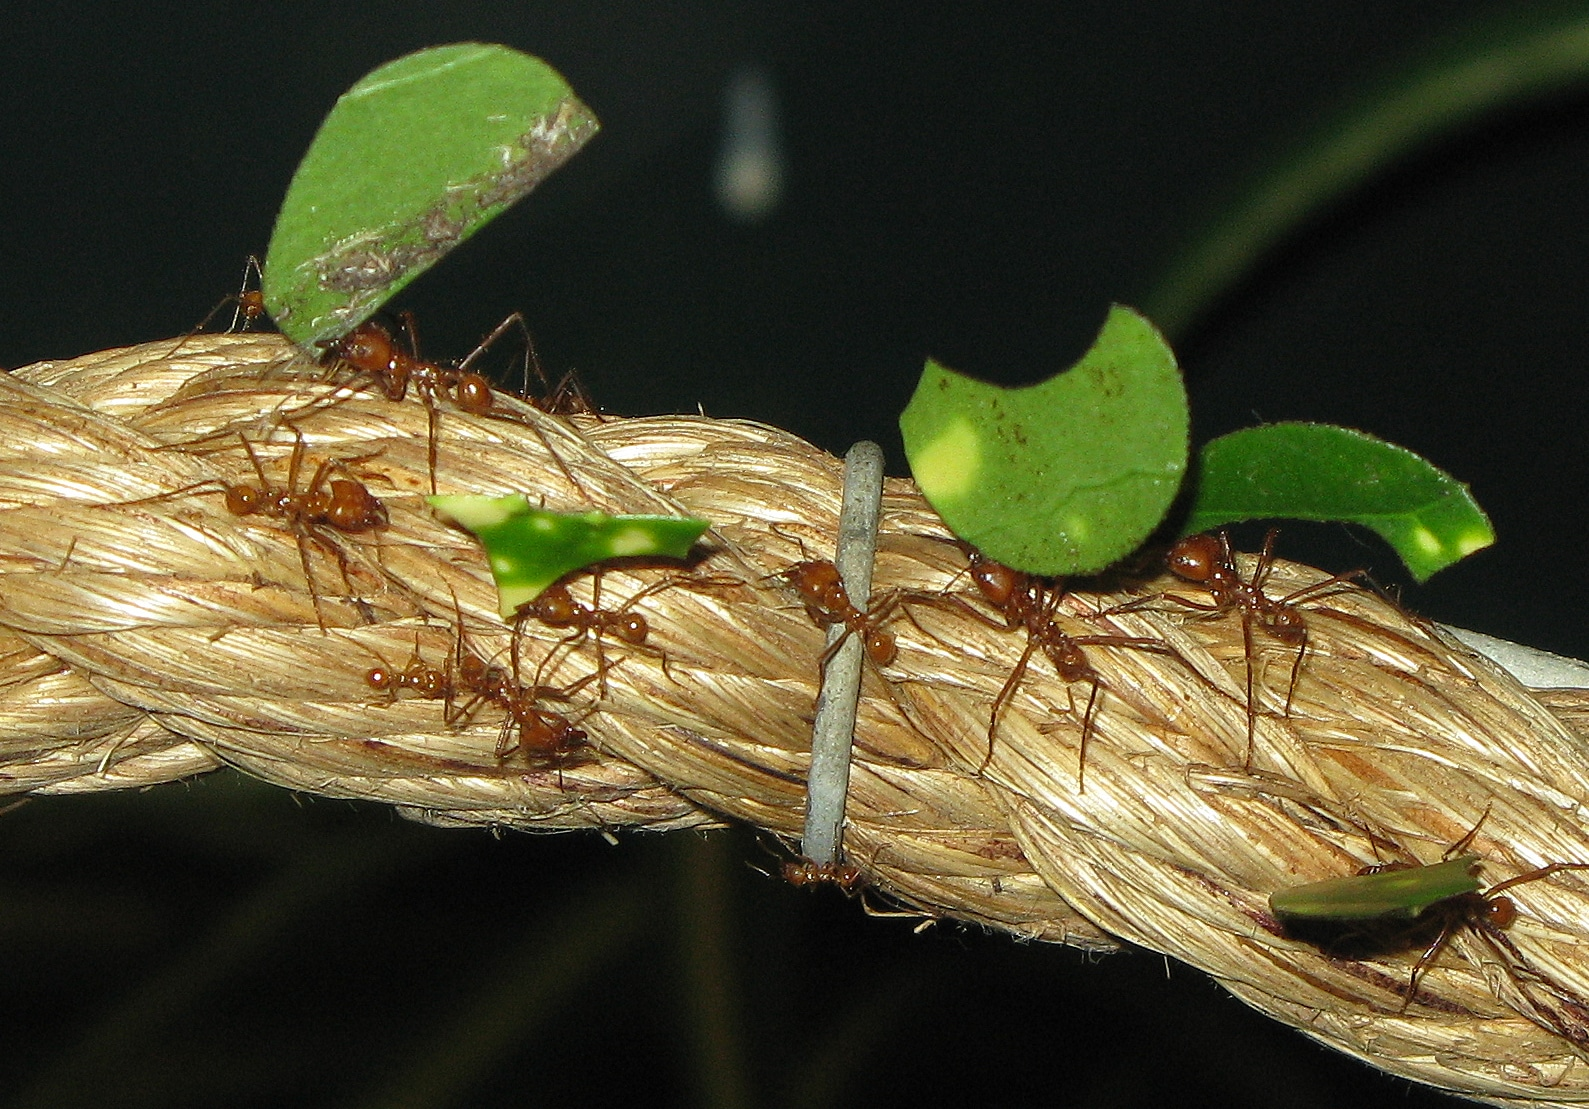 Hormigas-voladoras-u-hormigas-con-alas6